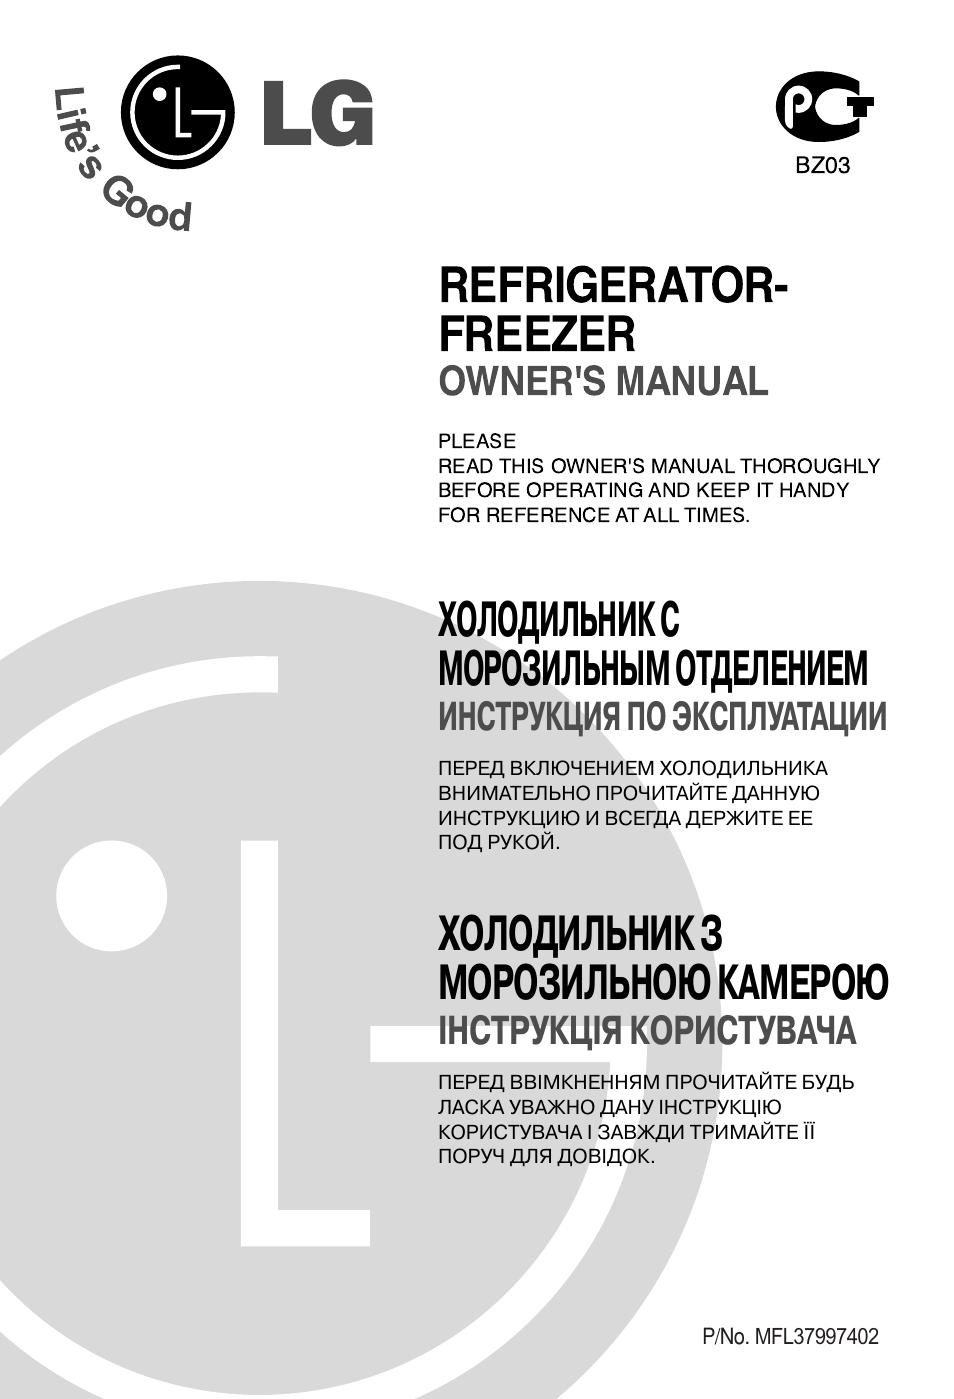 Инструкция по эксплуатации холодильников lg